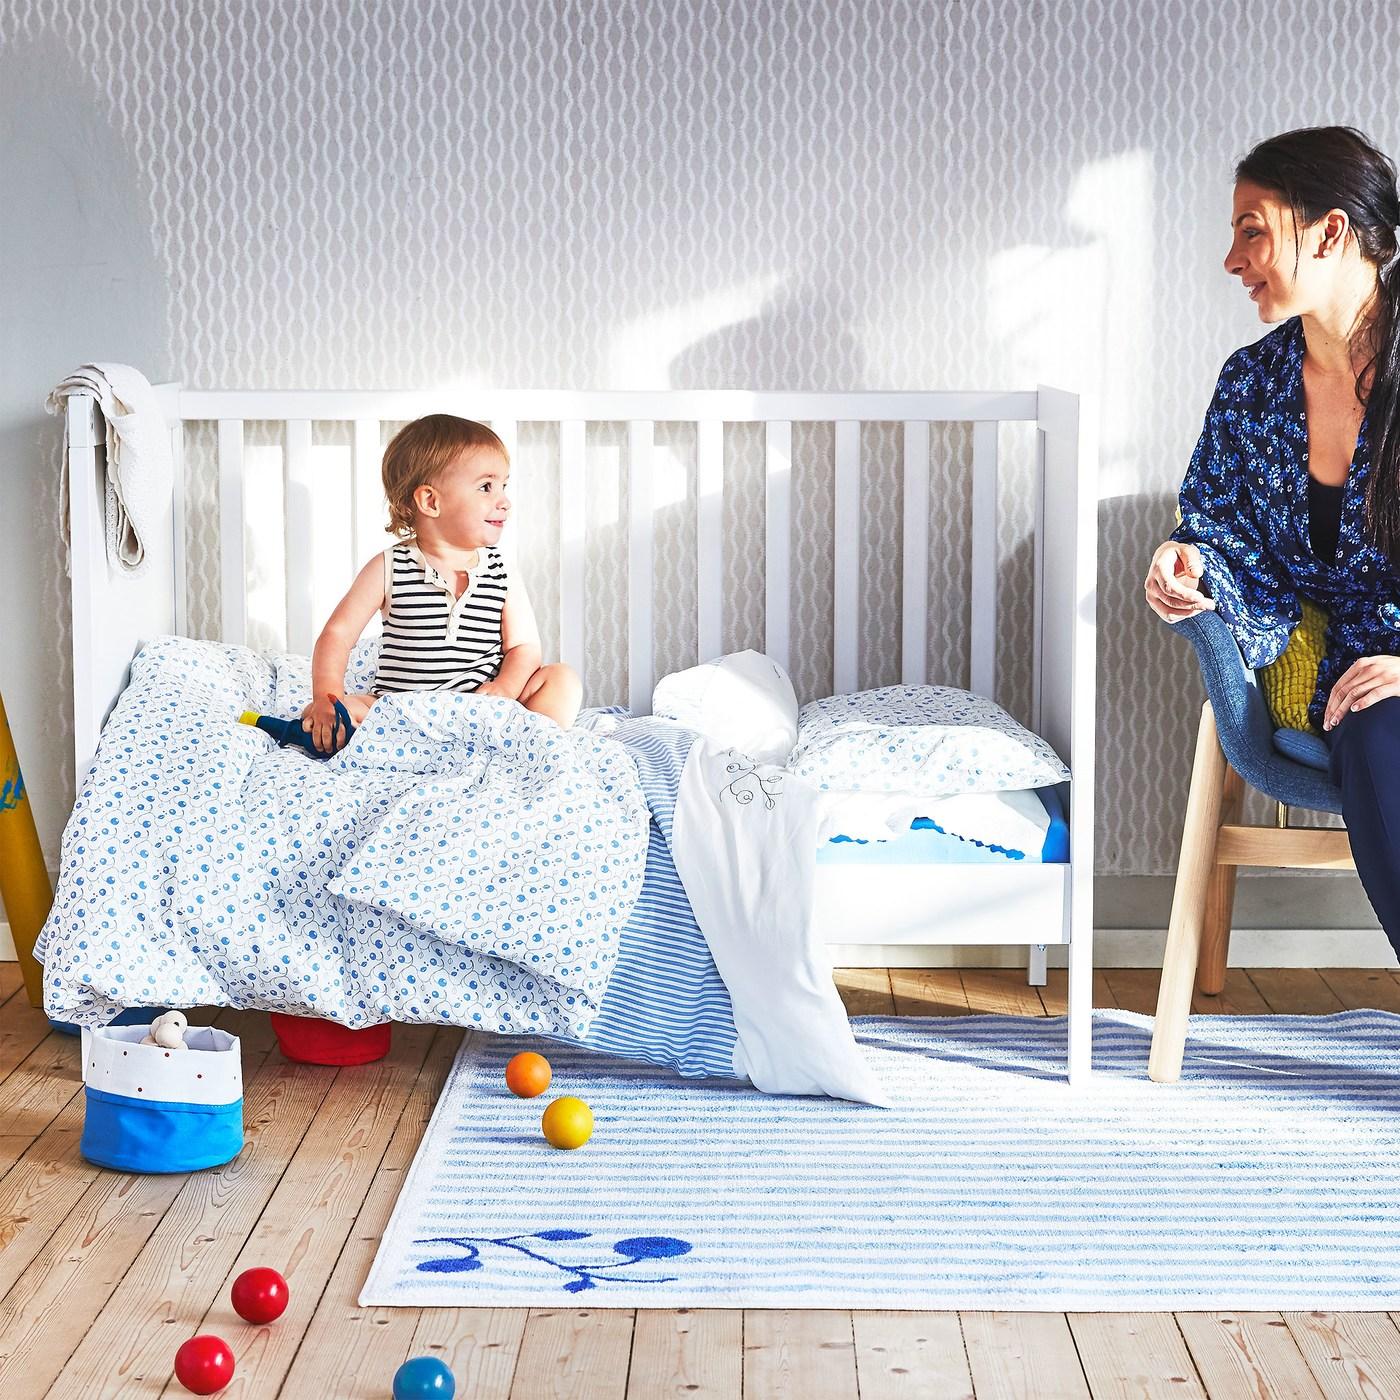 Une femme regarde un bébé assis sur un lit avec des textiles bébé GULSPARV bleus et blancs. Par terre, un tapis GULSPARV à rayures.